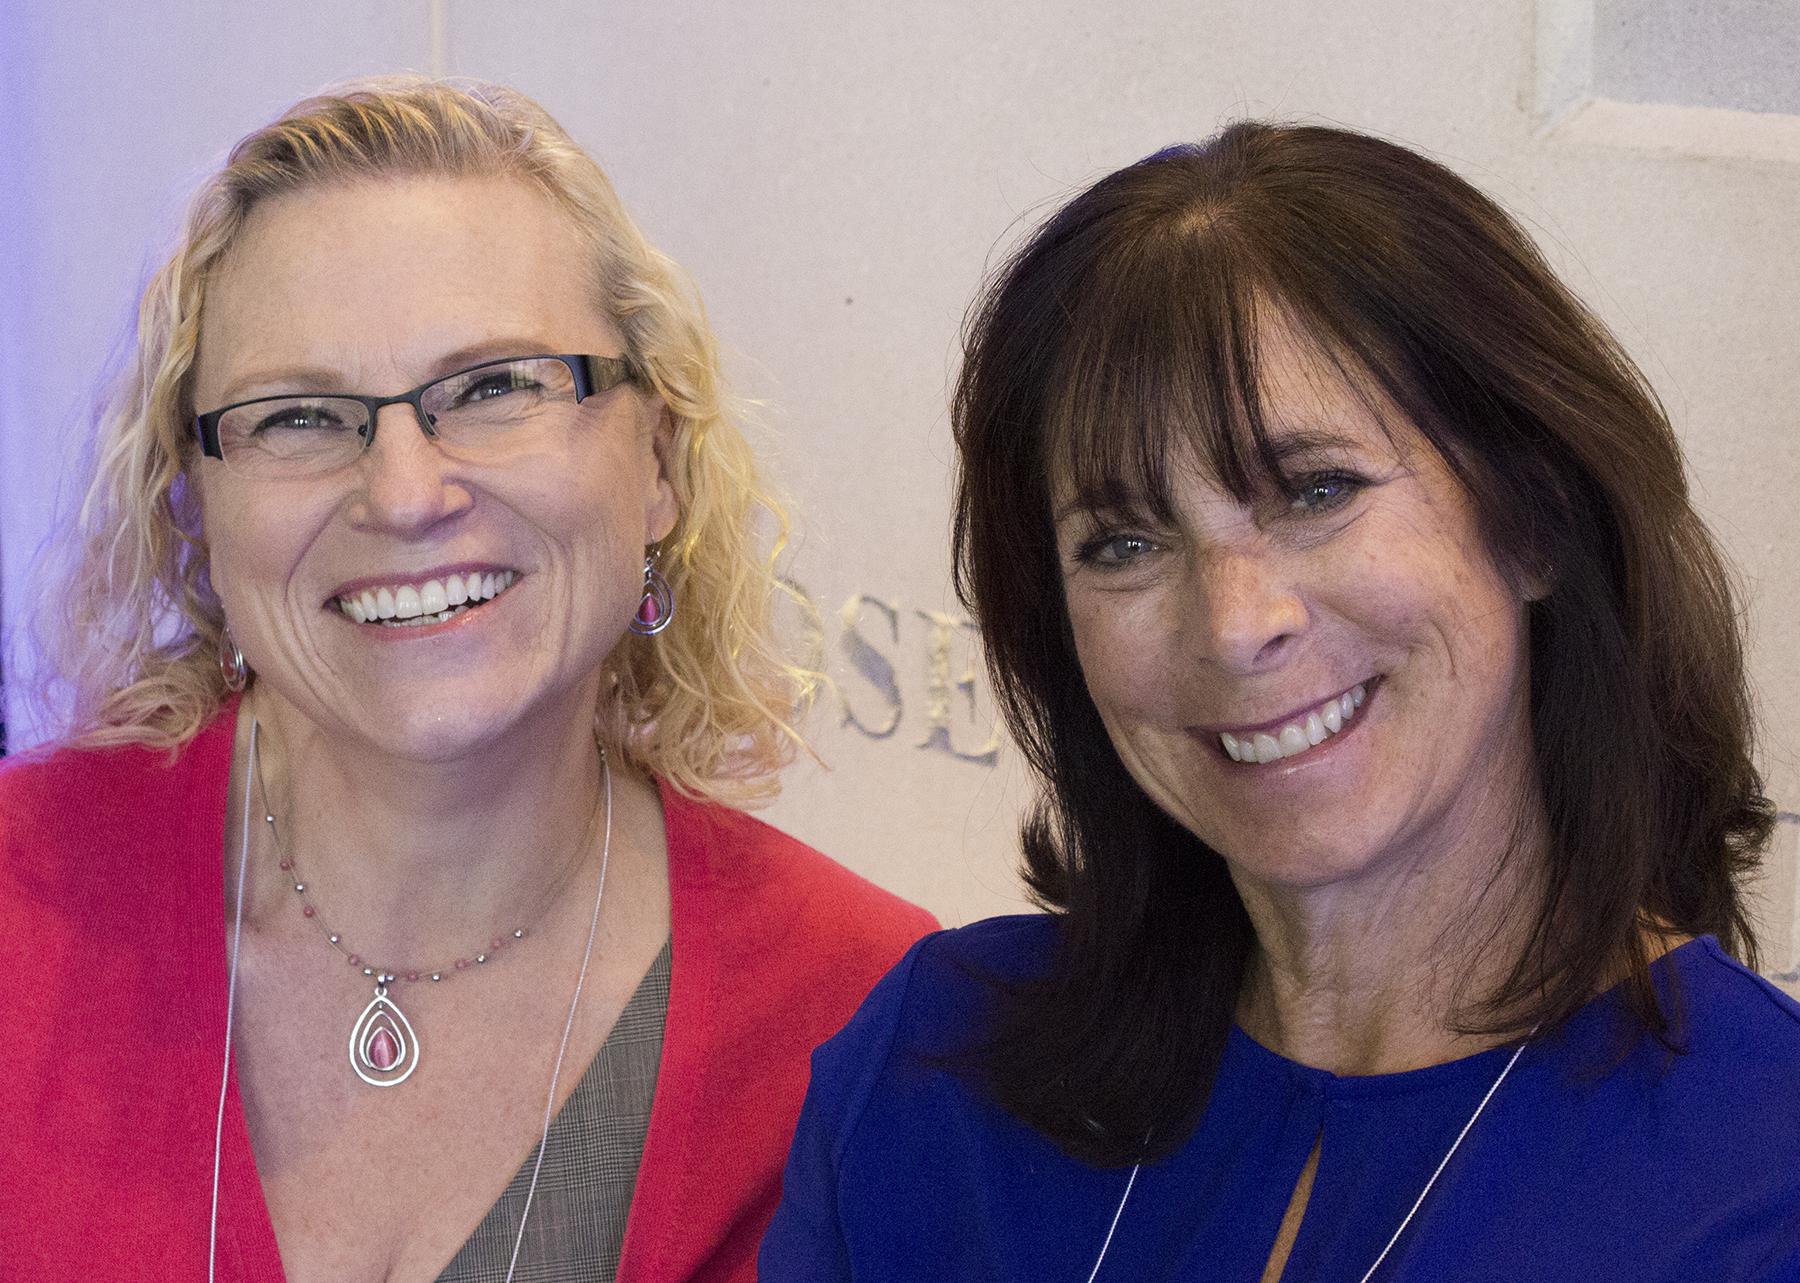 Denise Poirier (left) and Sue Wozniak (right)